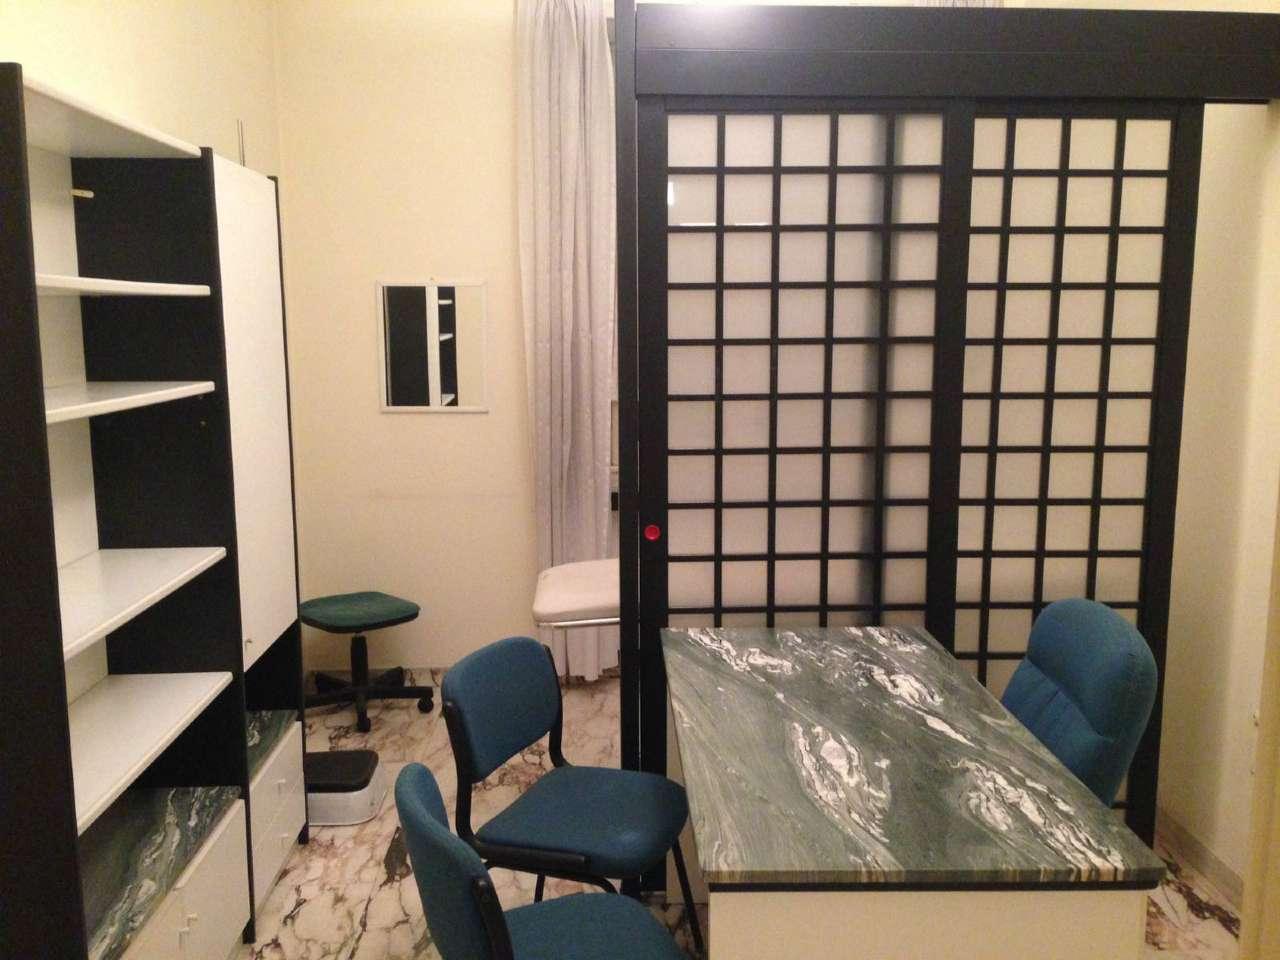 Ufficio studio roma affitto 300 zona 2 flaminio for Affitto studio medico roma parioli